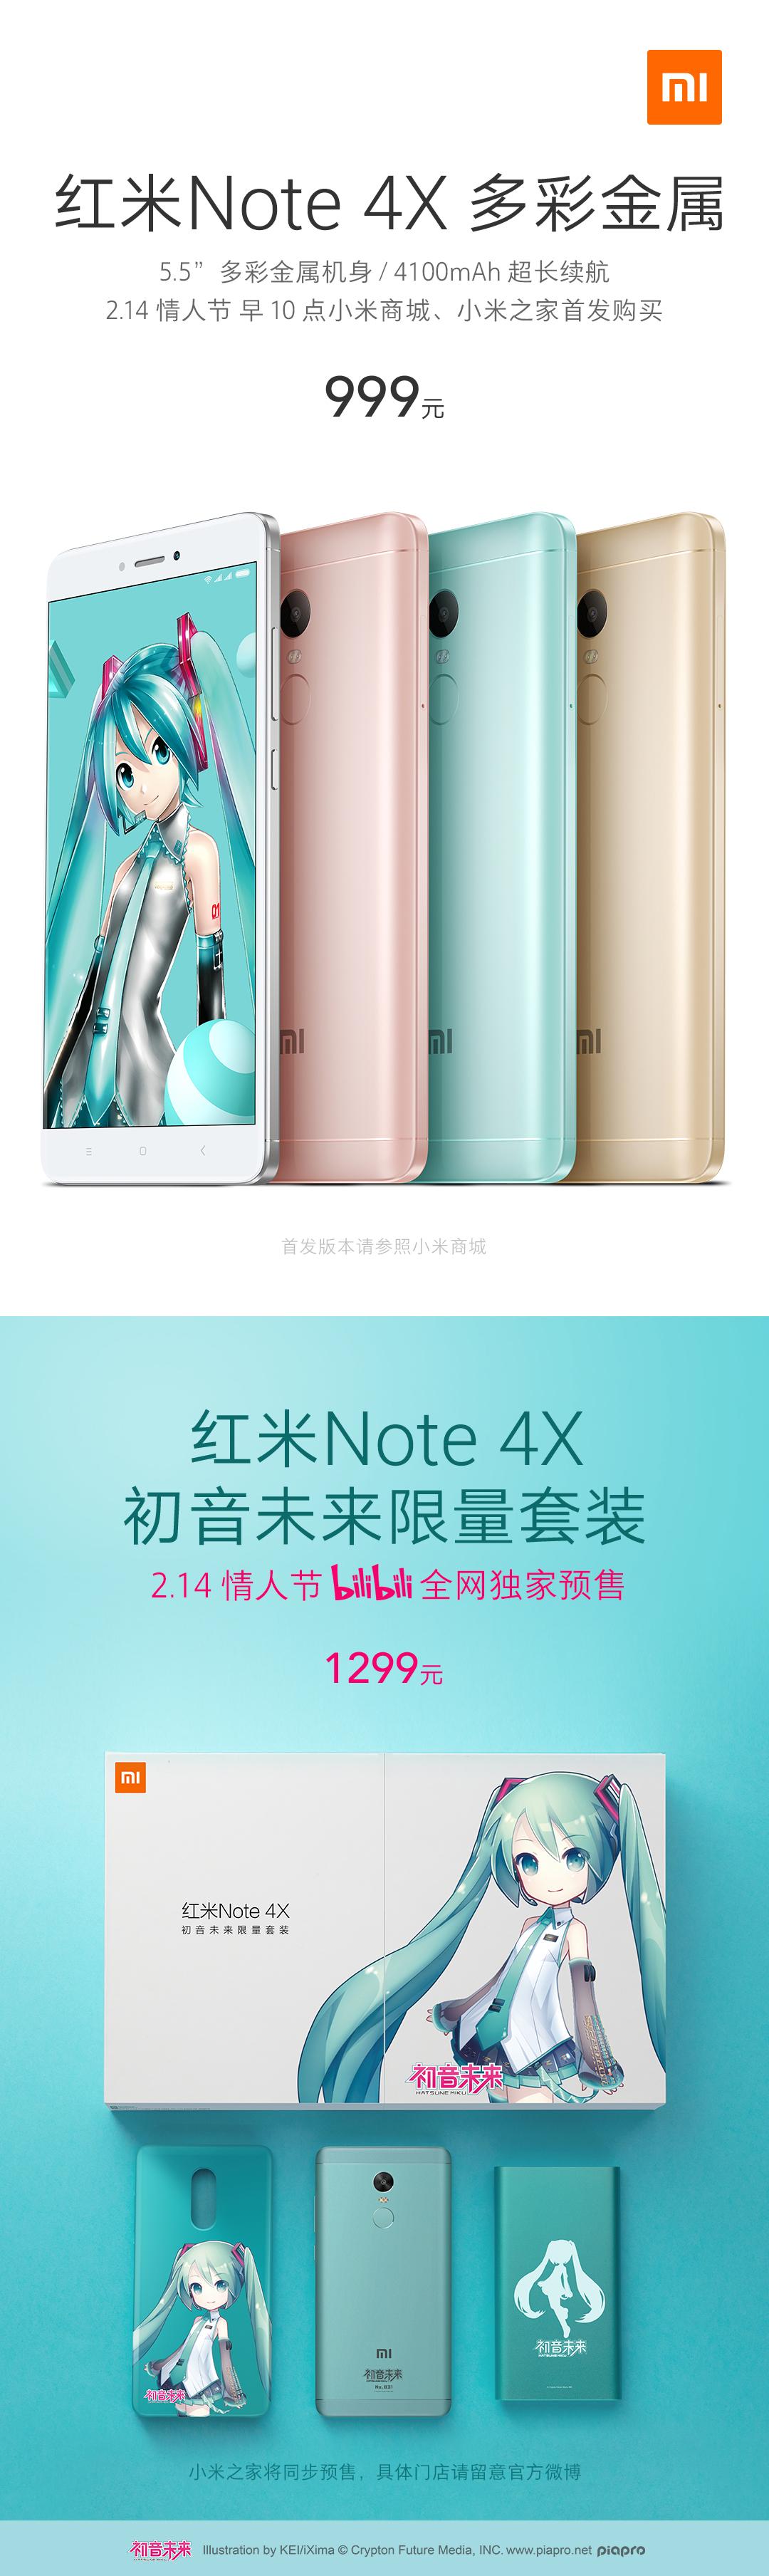 #红米Note4X# 多彩金属千元旗舰:2.14情人节首发